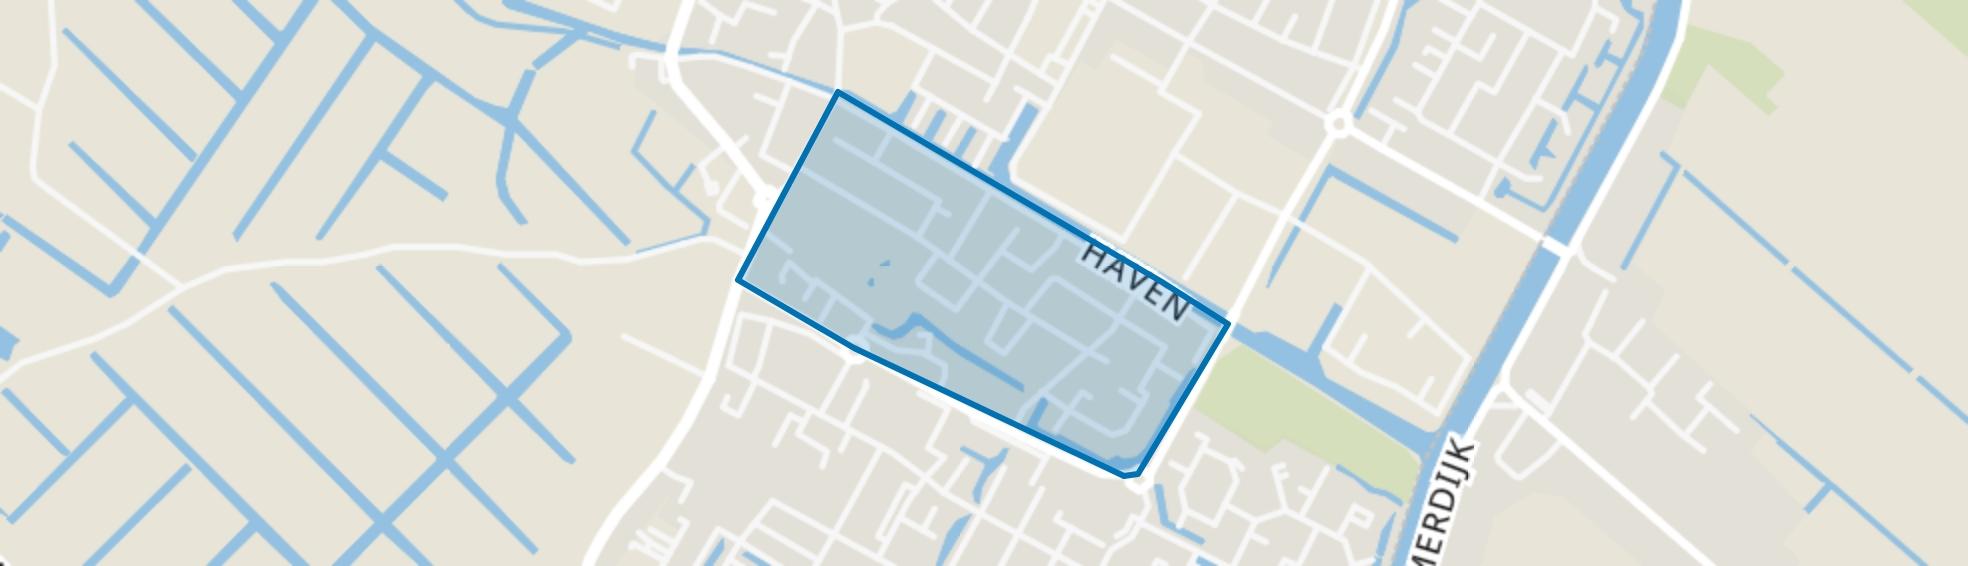 Brouwerlaankwartier, Hillegom map